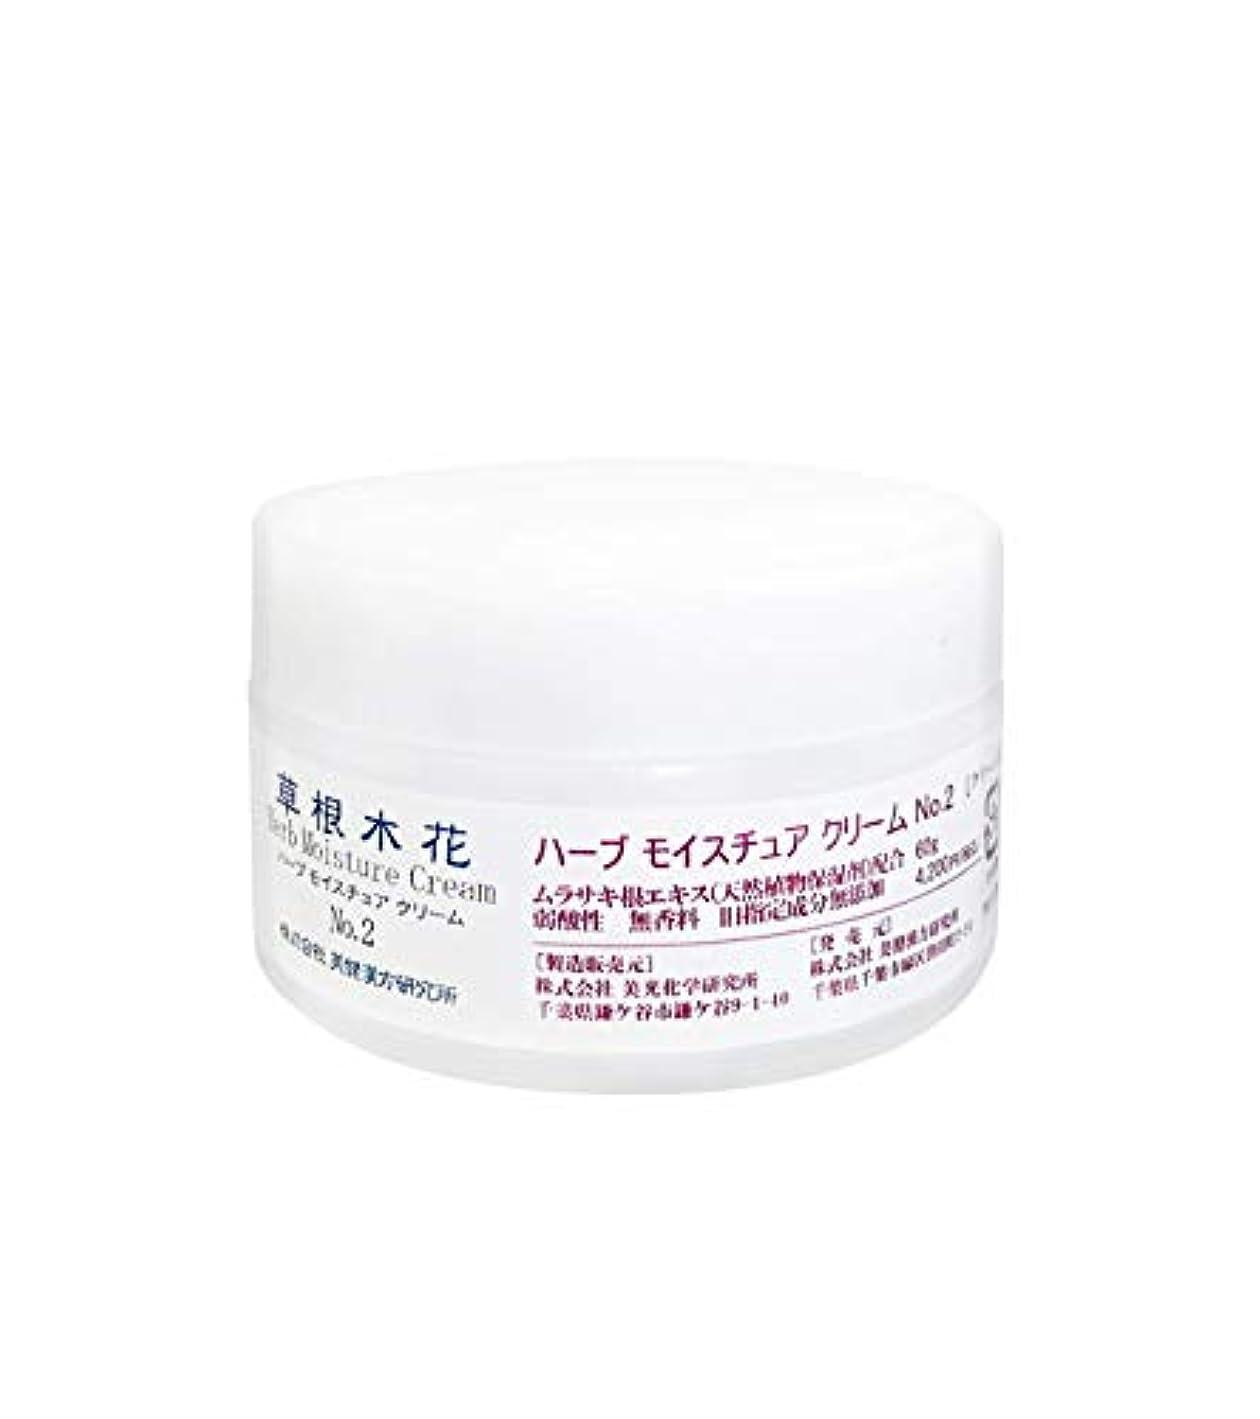 落ち着く酸素ぞっとするような「草根木花 ハーブモイスチュアクリームNo.2 (紫根クリーム)」 紫根(シコン)自然派基礎化粧品 シェアドコスメ(男女兼用化粧品)